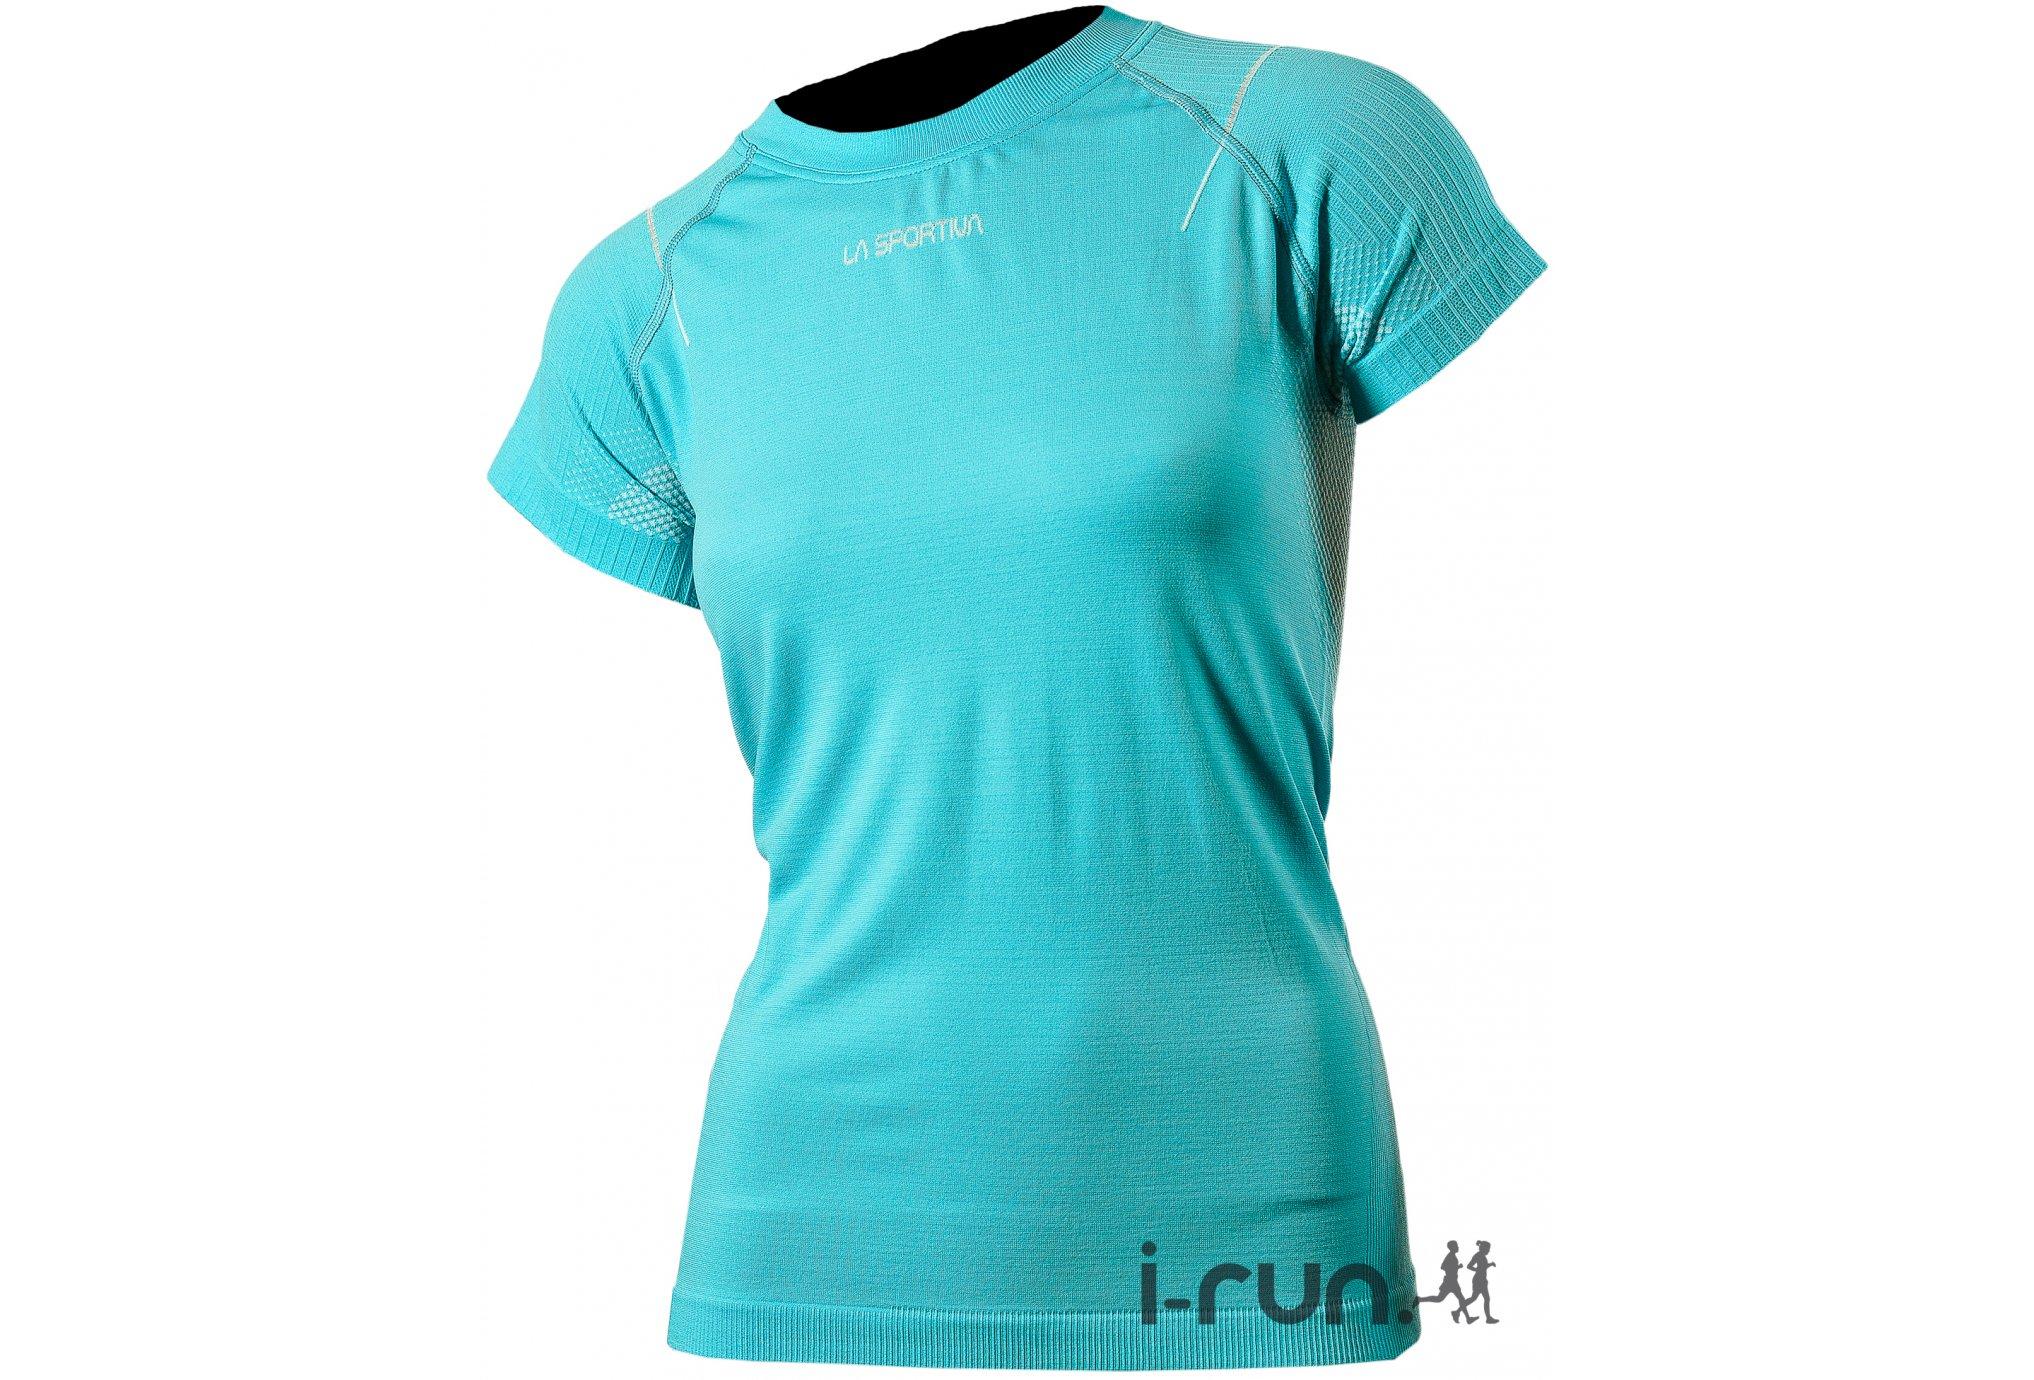 La Sportiva Tee-shirt Jedy W Diététique Vêtements femme